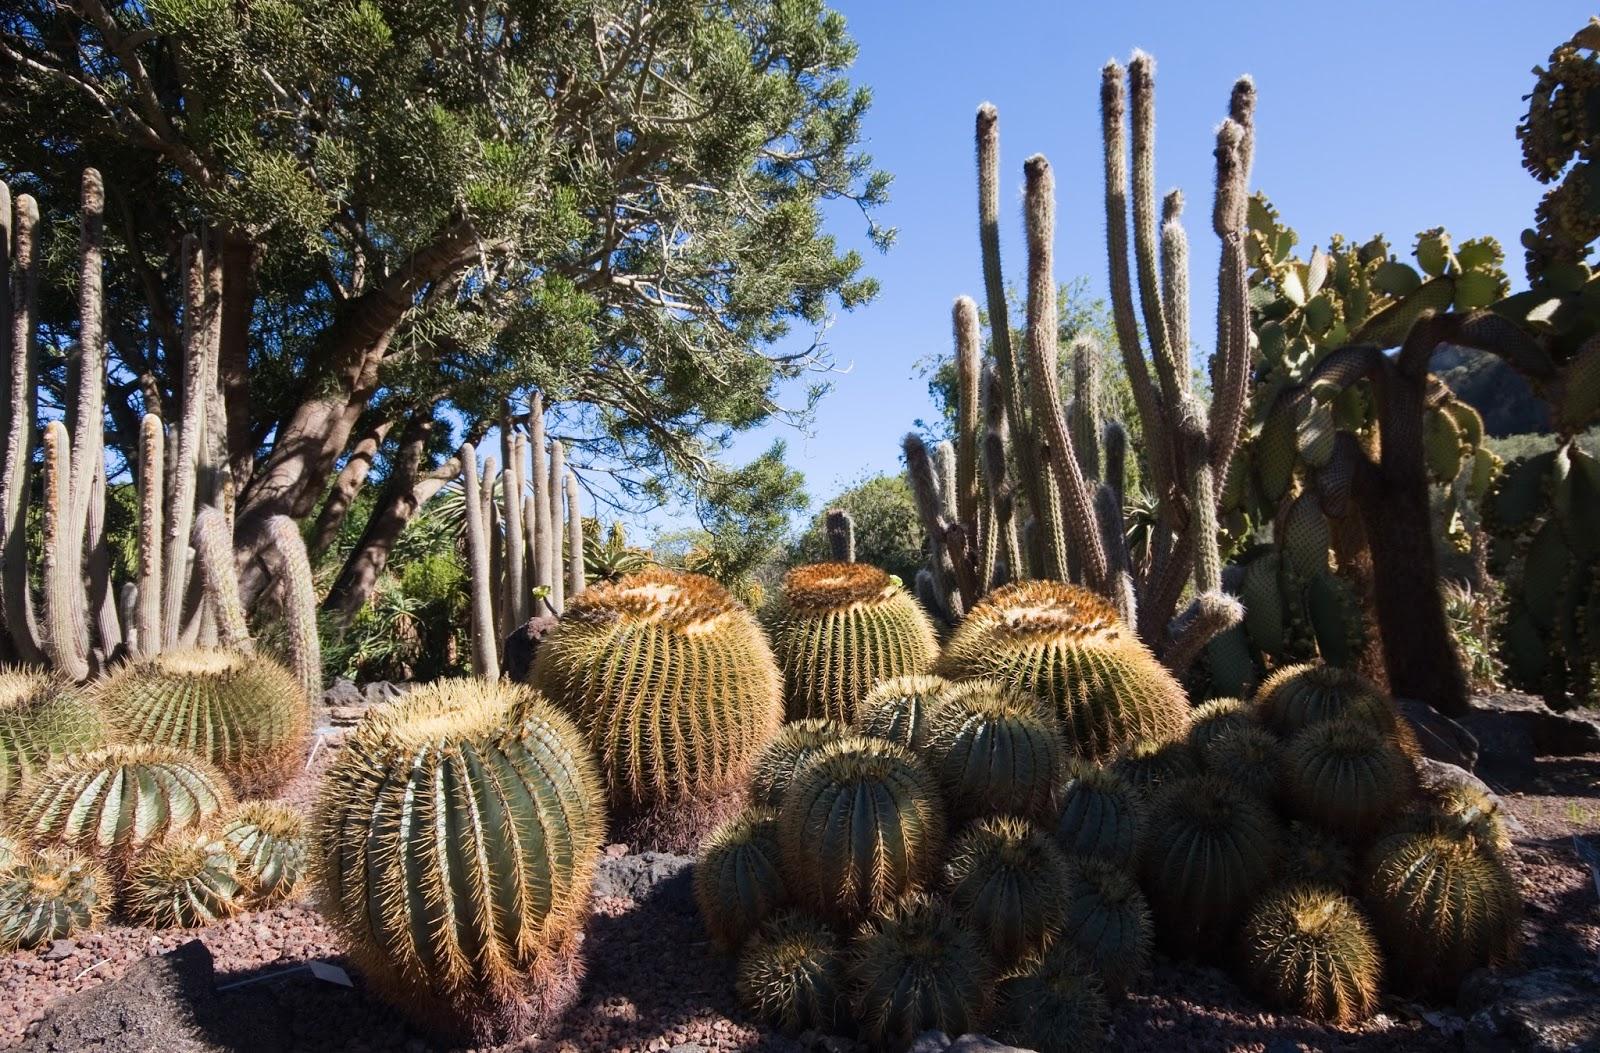 Jard n bot nico viera y clavijo jard n canaria las - Jardin botanico las palmas ...